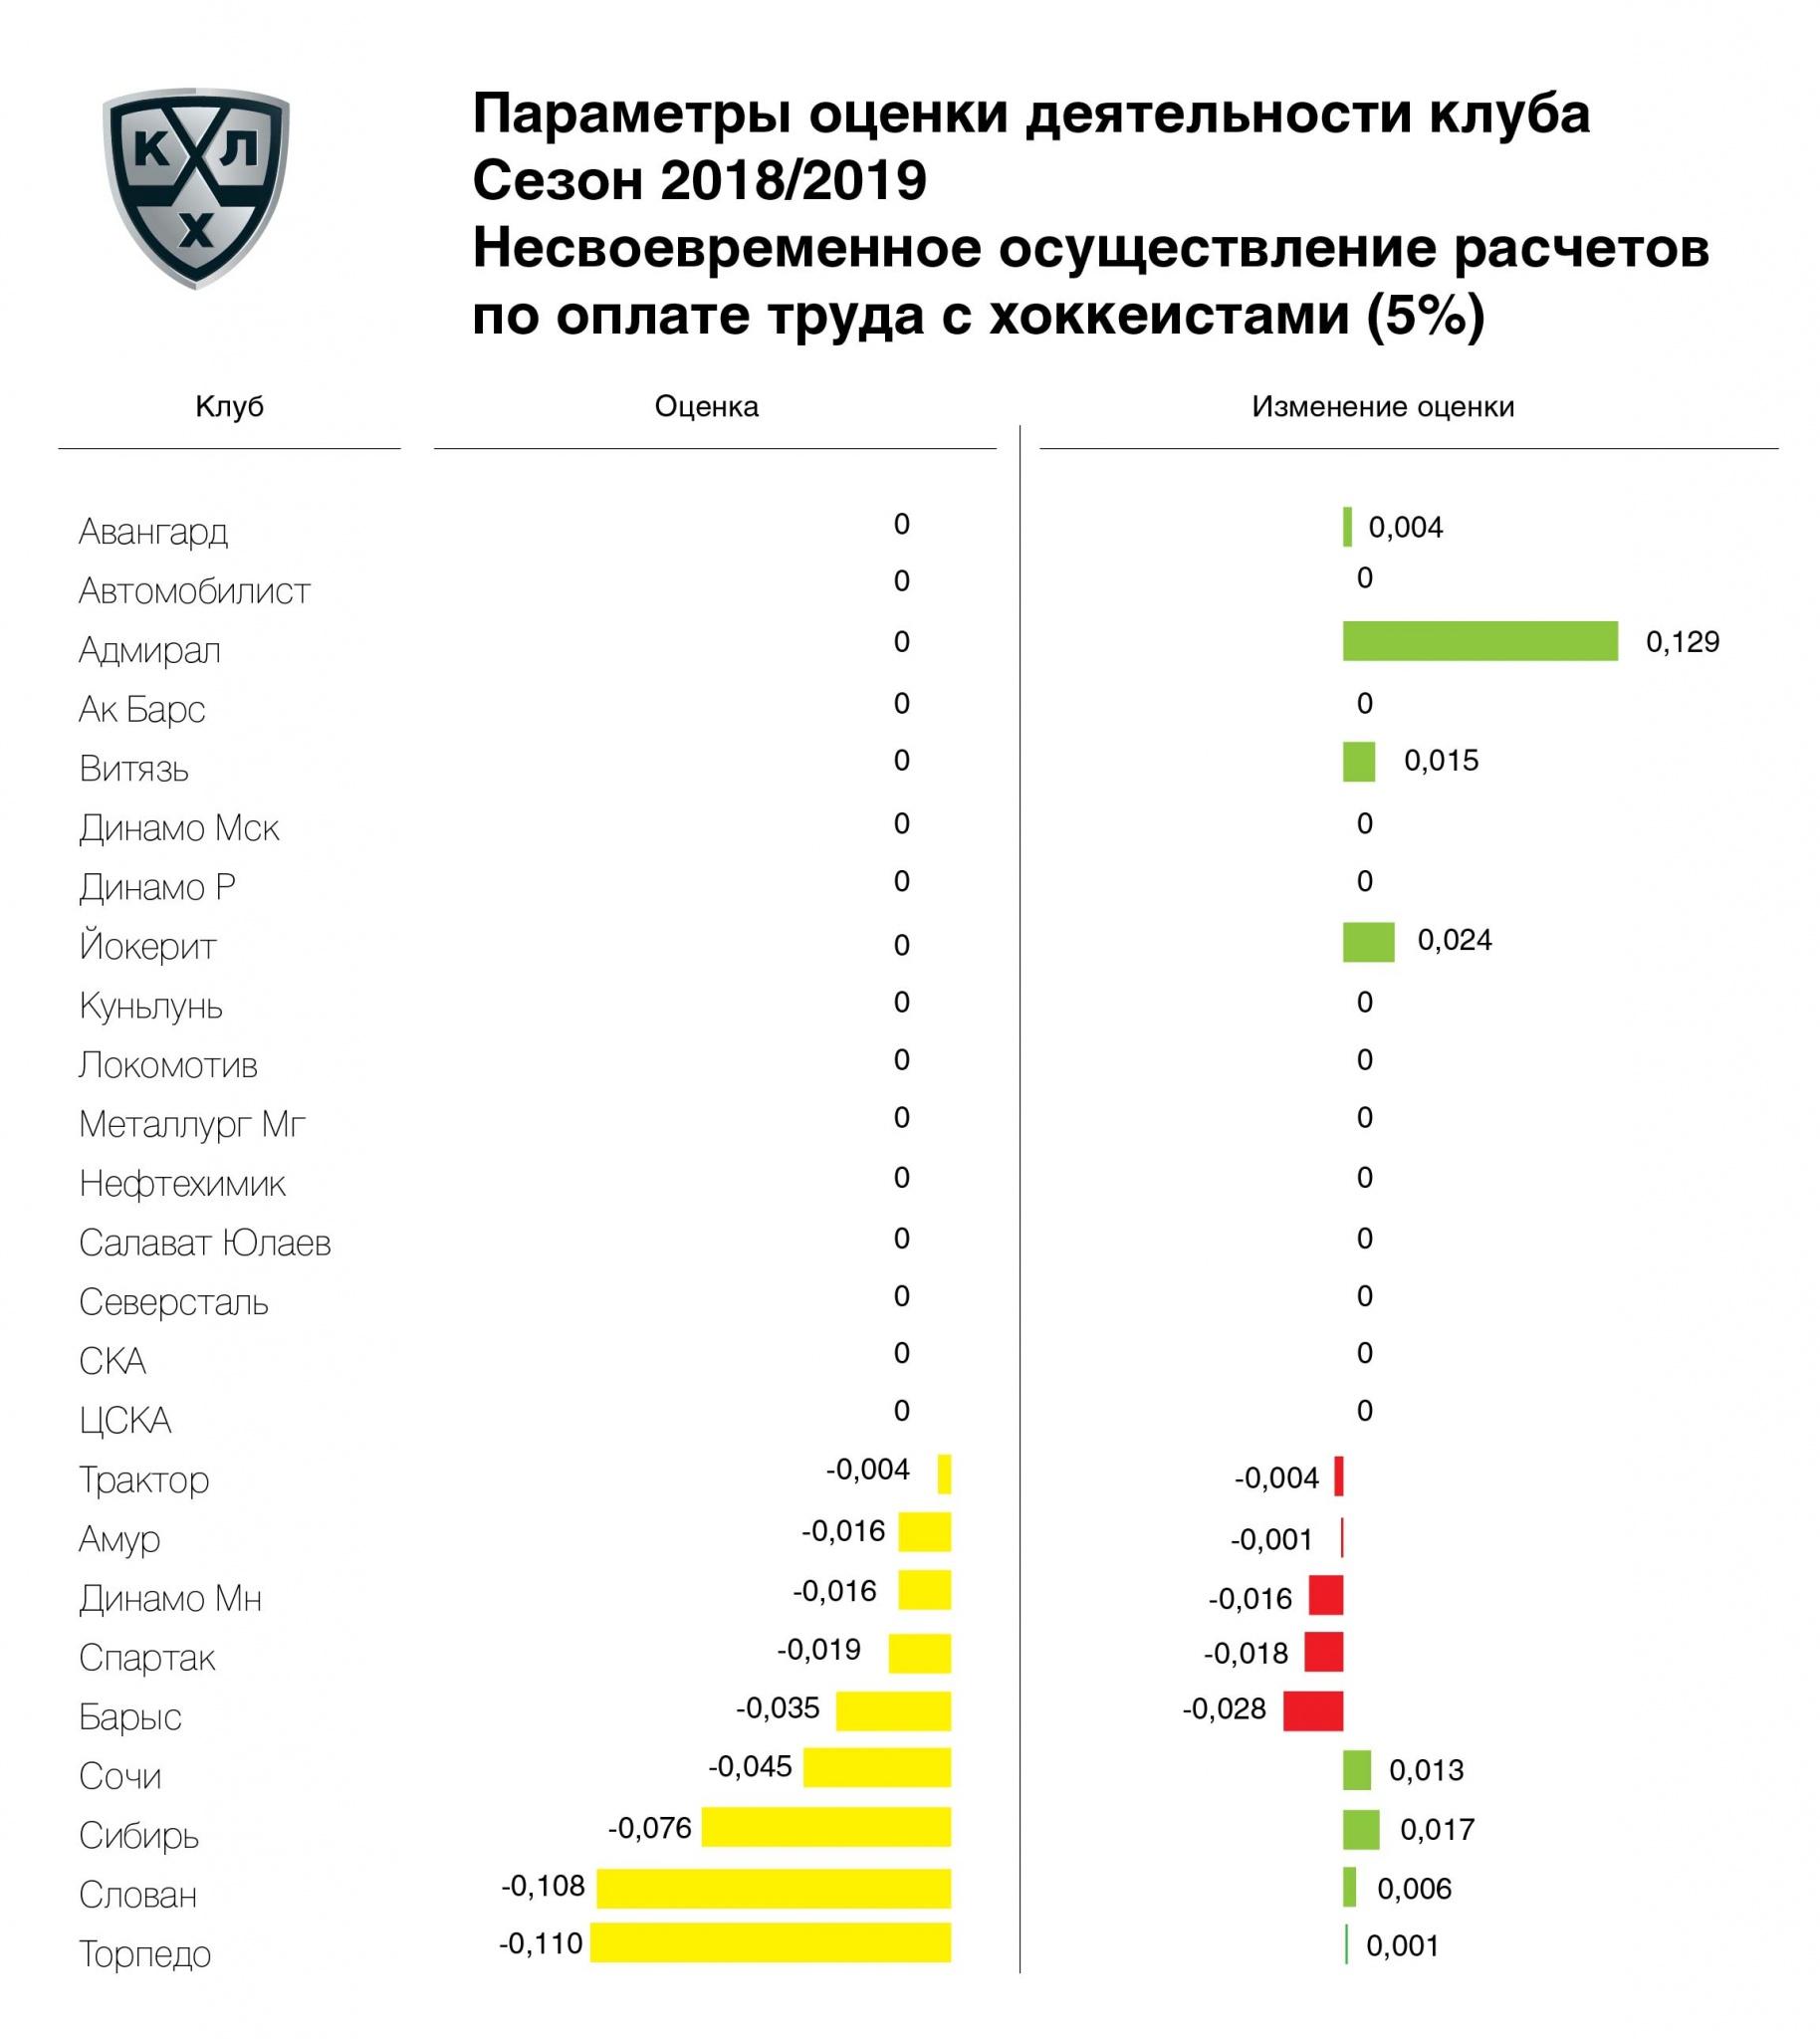 RUS_debts.jpg